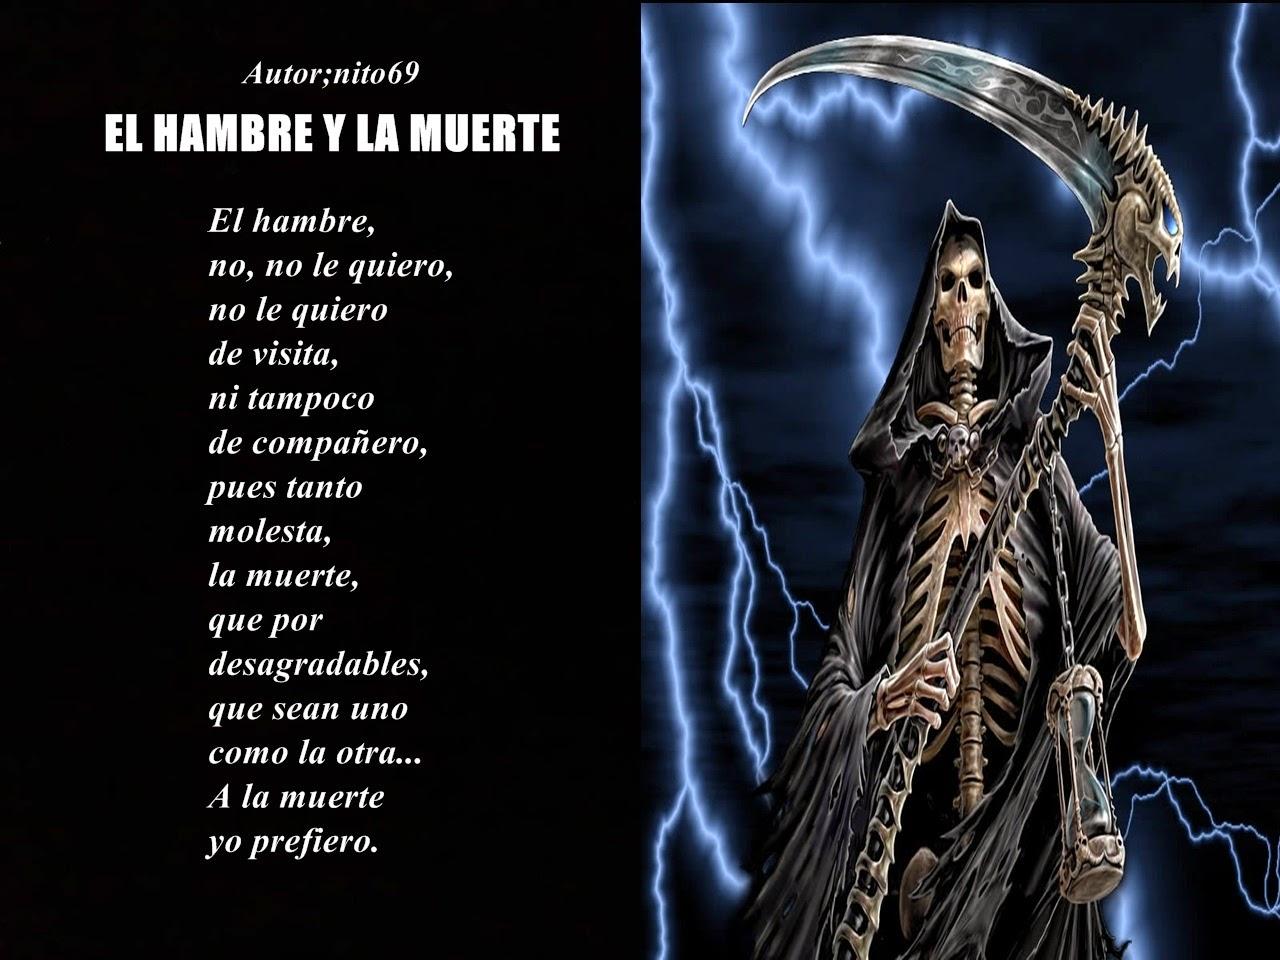 EL HAMBRE Y LA MUERTE